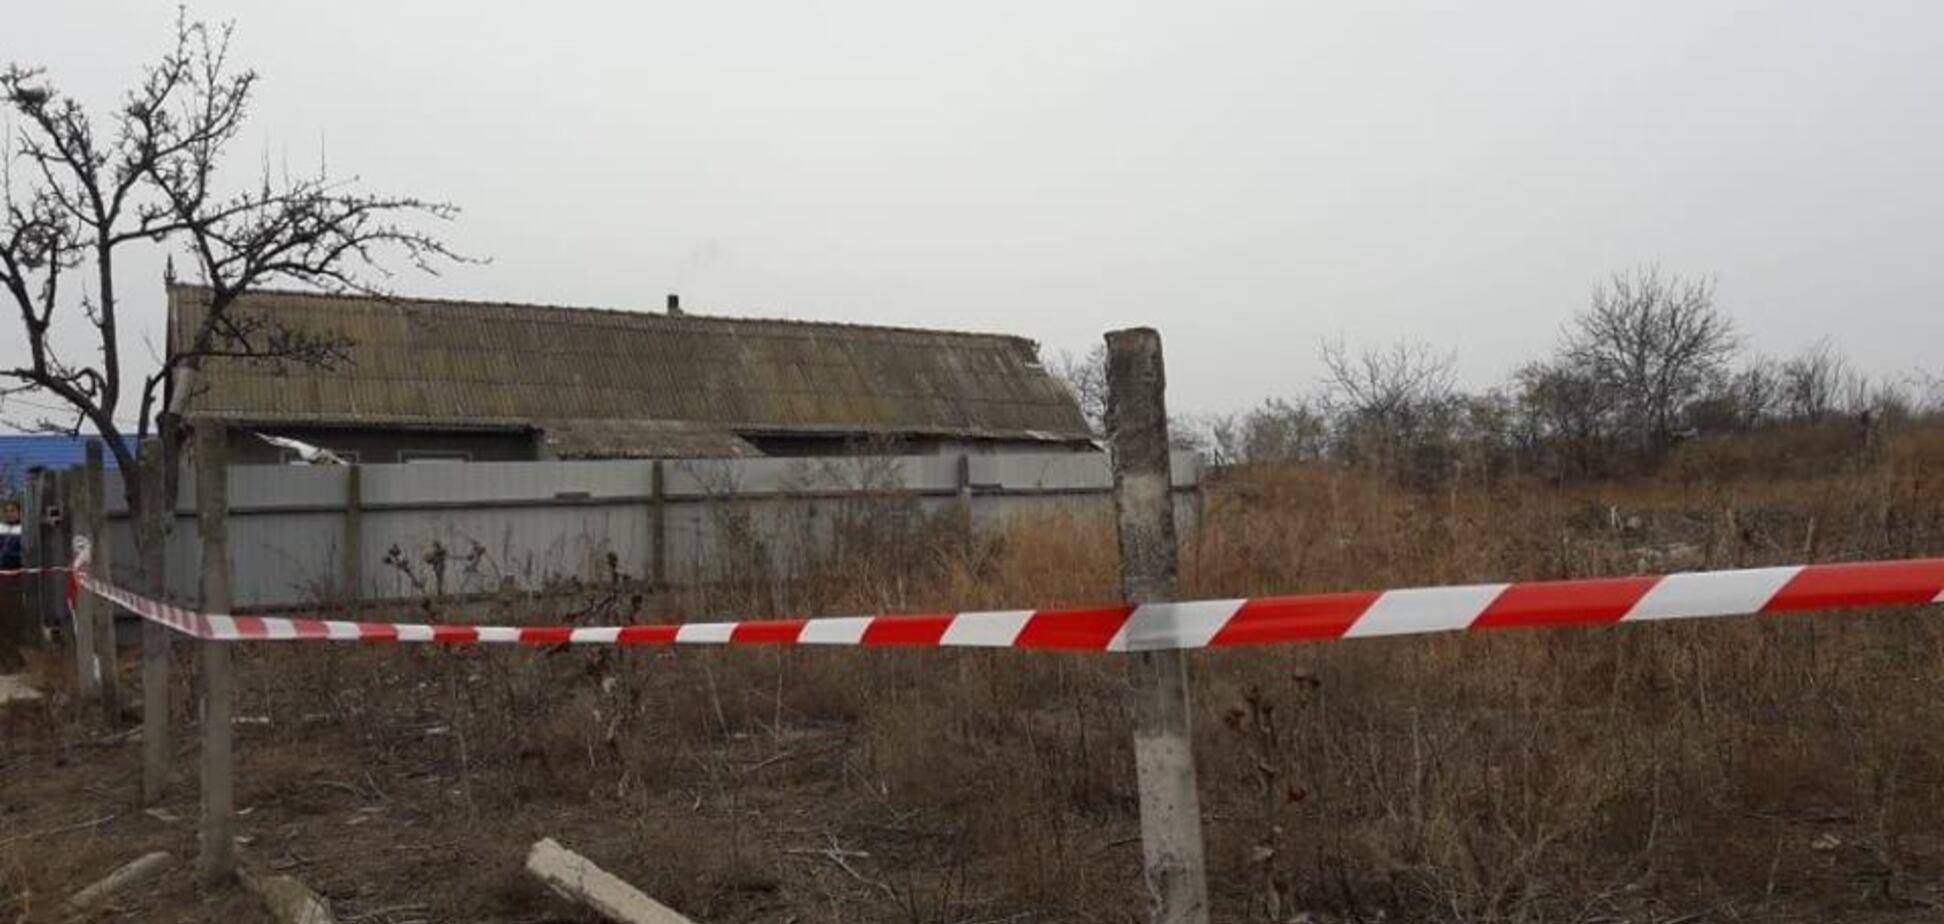 Изнасиловали и задушили: на Одесщине в заброшенном доме нашли труп 10-летней девочки. Первые фото с места преступления